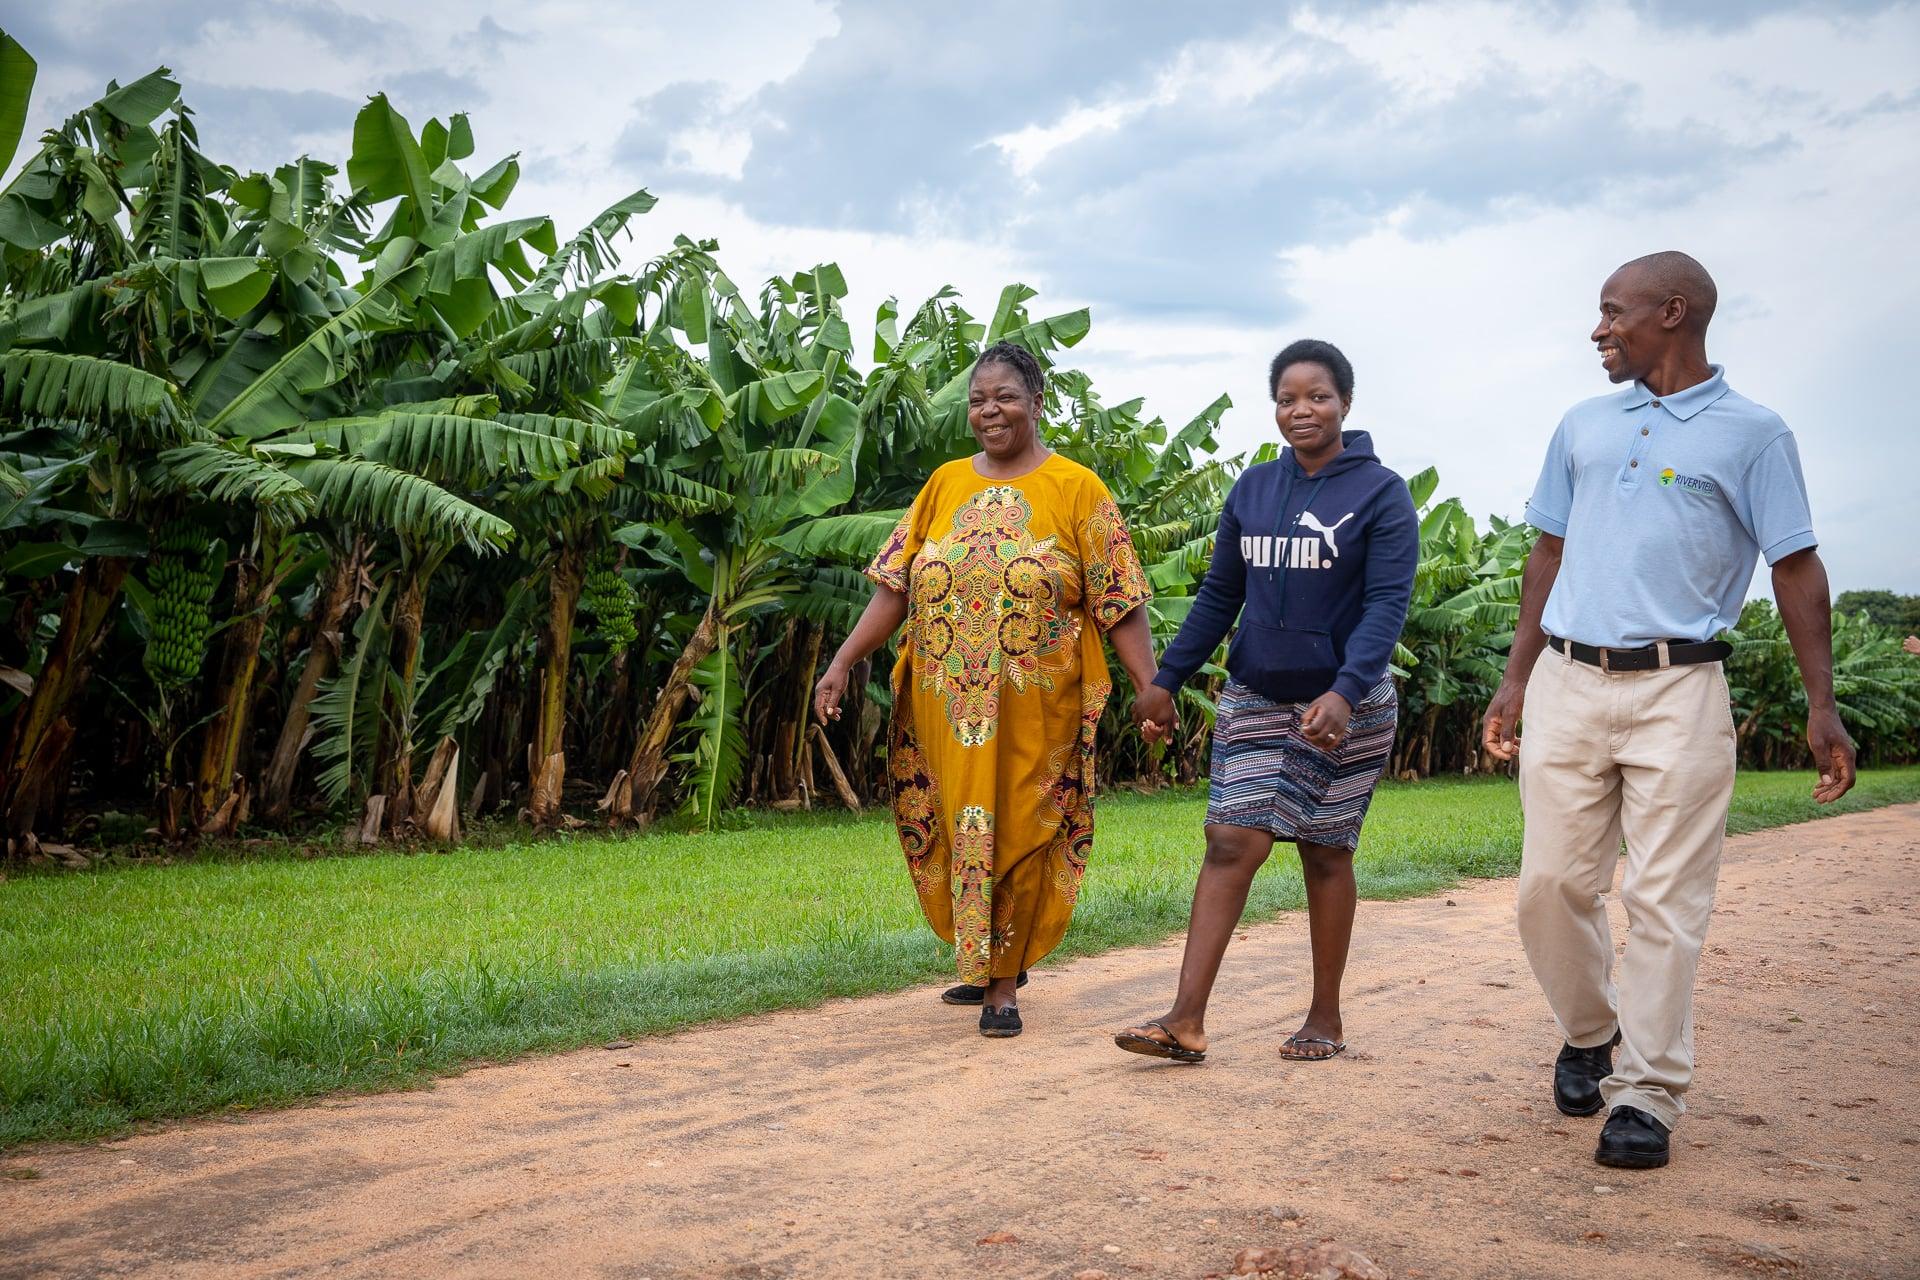 Walking in banana plantation